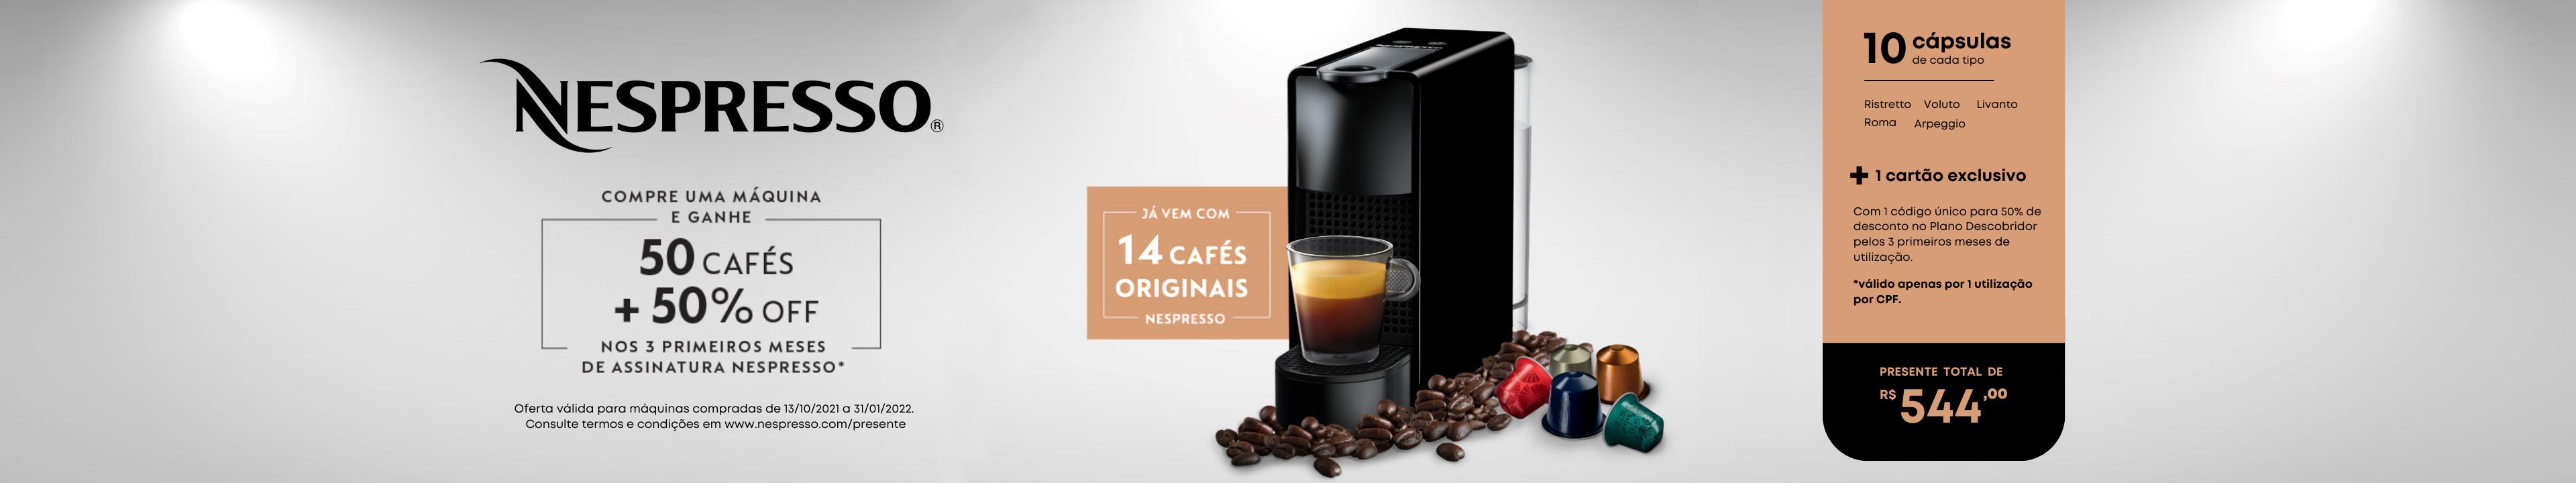 Nespresso - Compre e Ganhe!